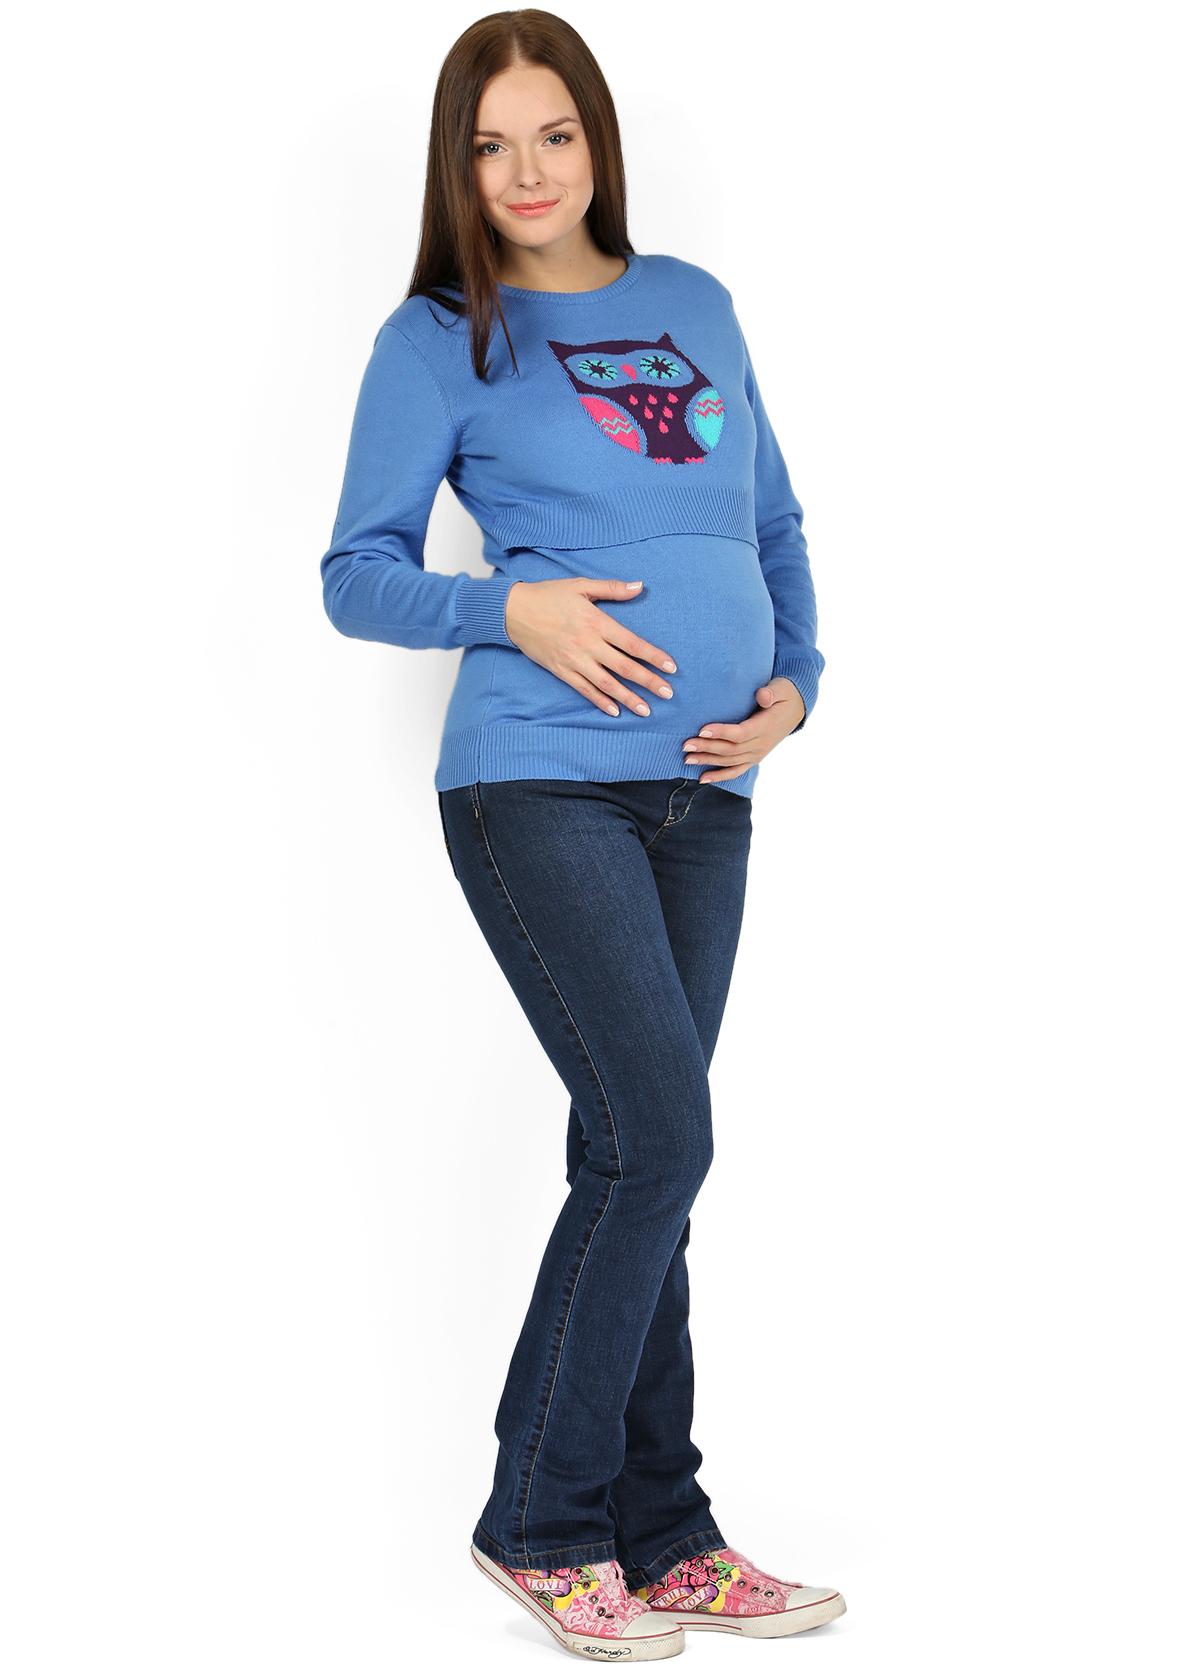 Джинсы для беременных интернет магазин доставка